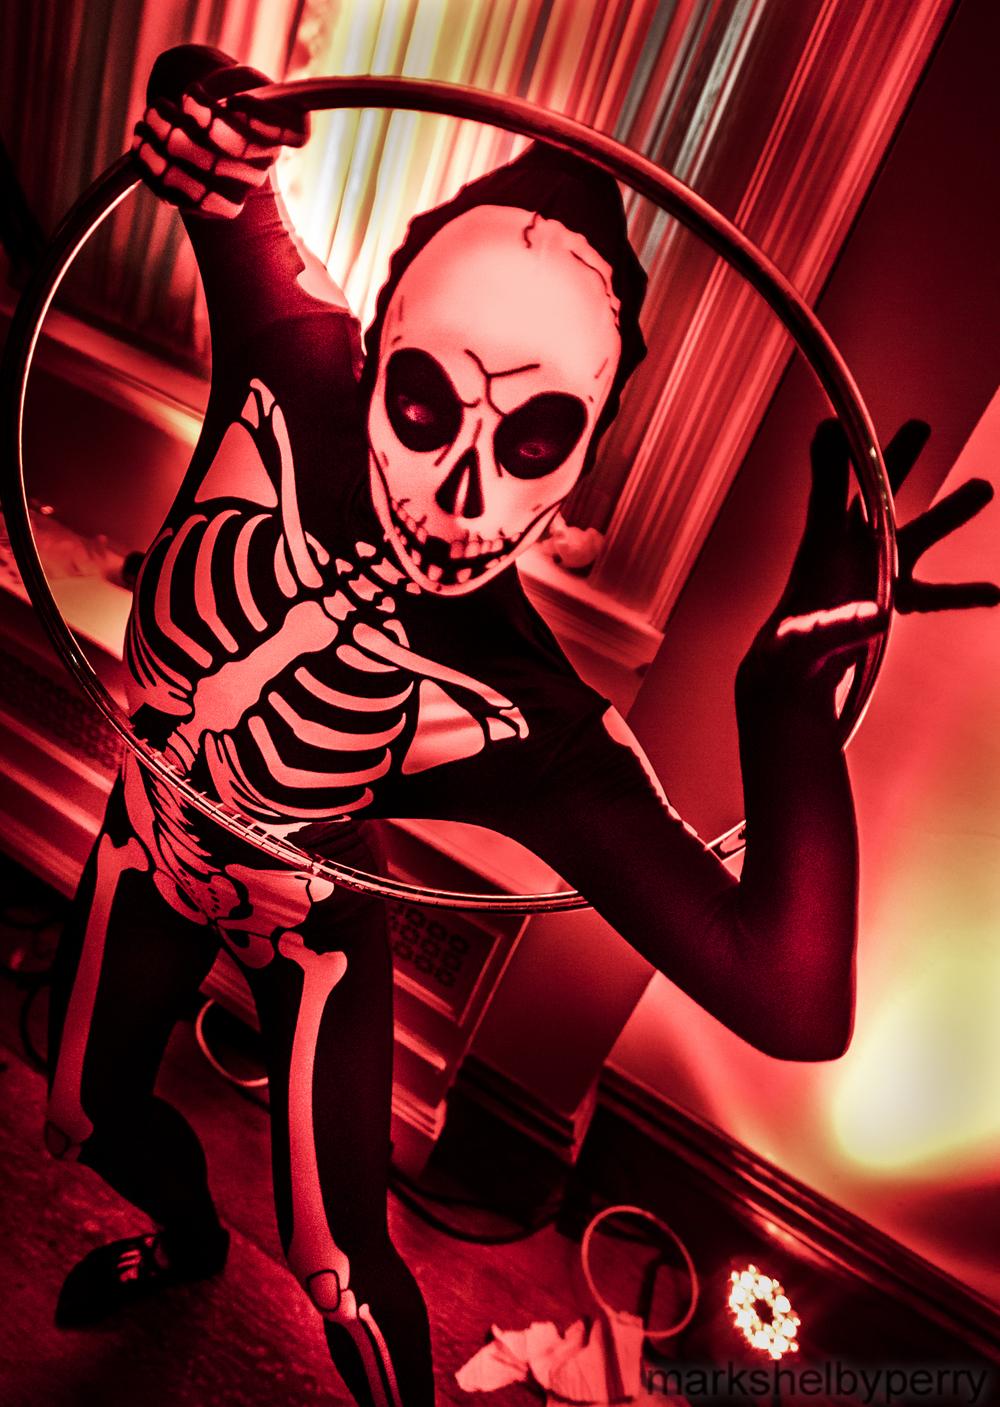 Skeleton Hula Hoopist